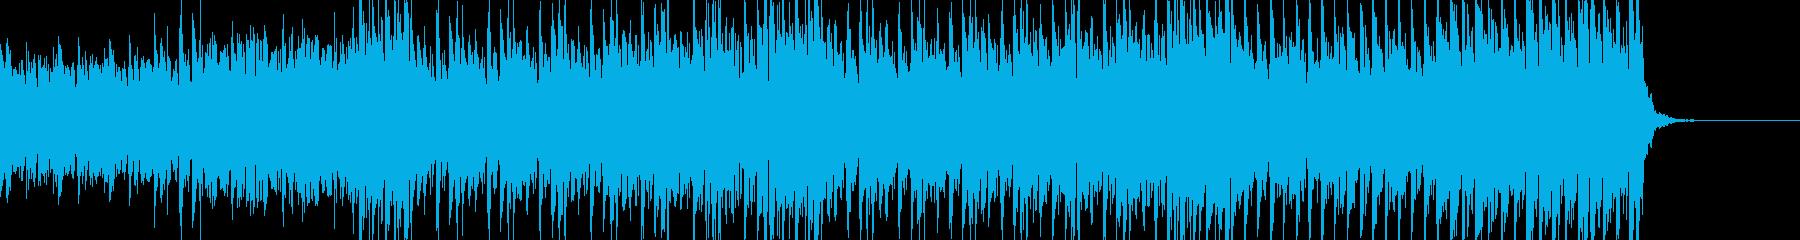 緊迫感のある不気味なハードテクノ60秒の再生済みの波形